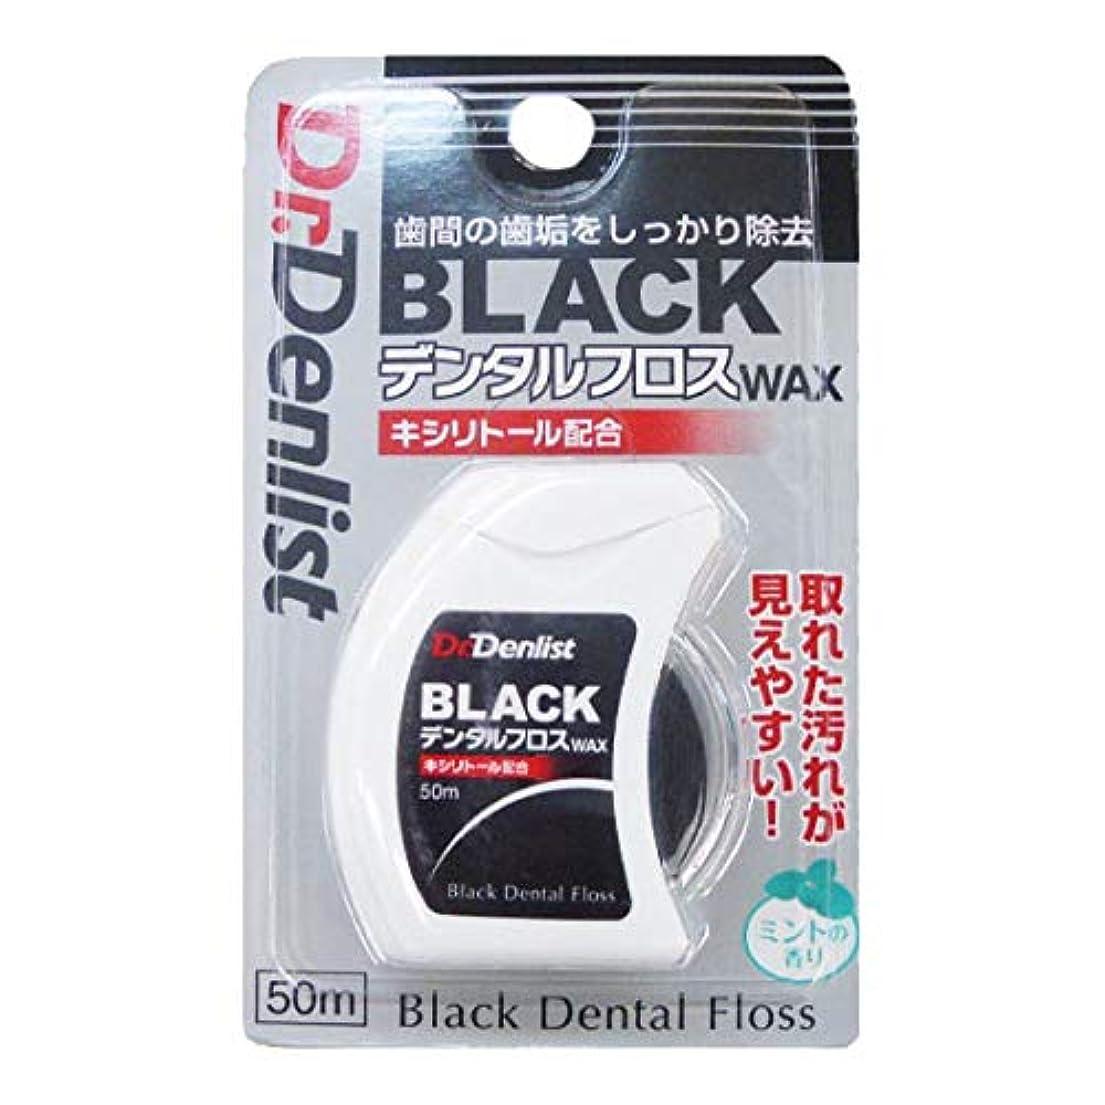 ブラック デンタルフロス 50m キシリトール配合 フロス 黒